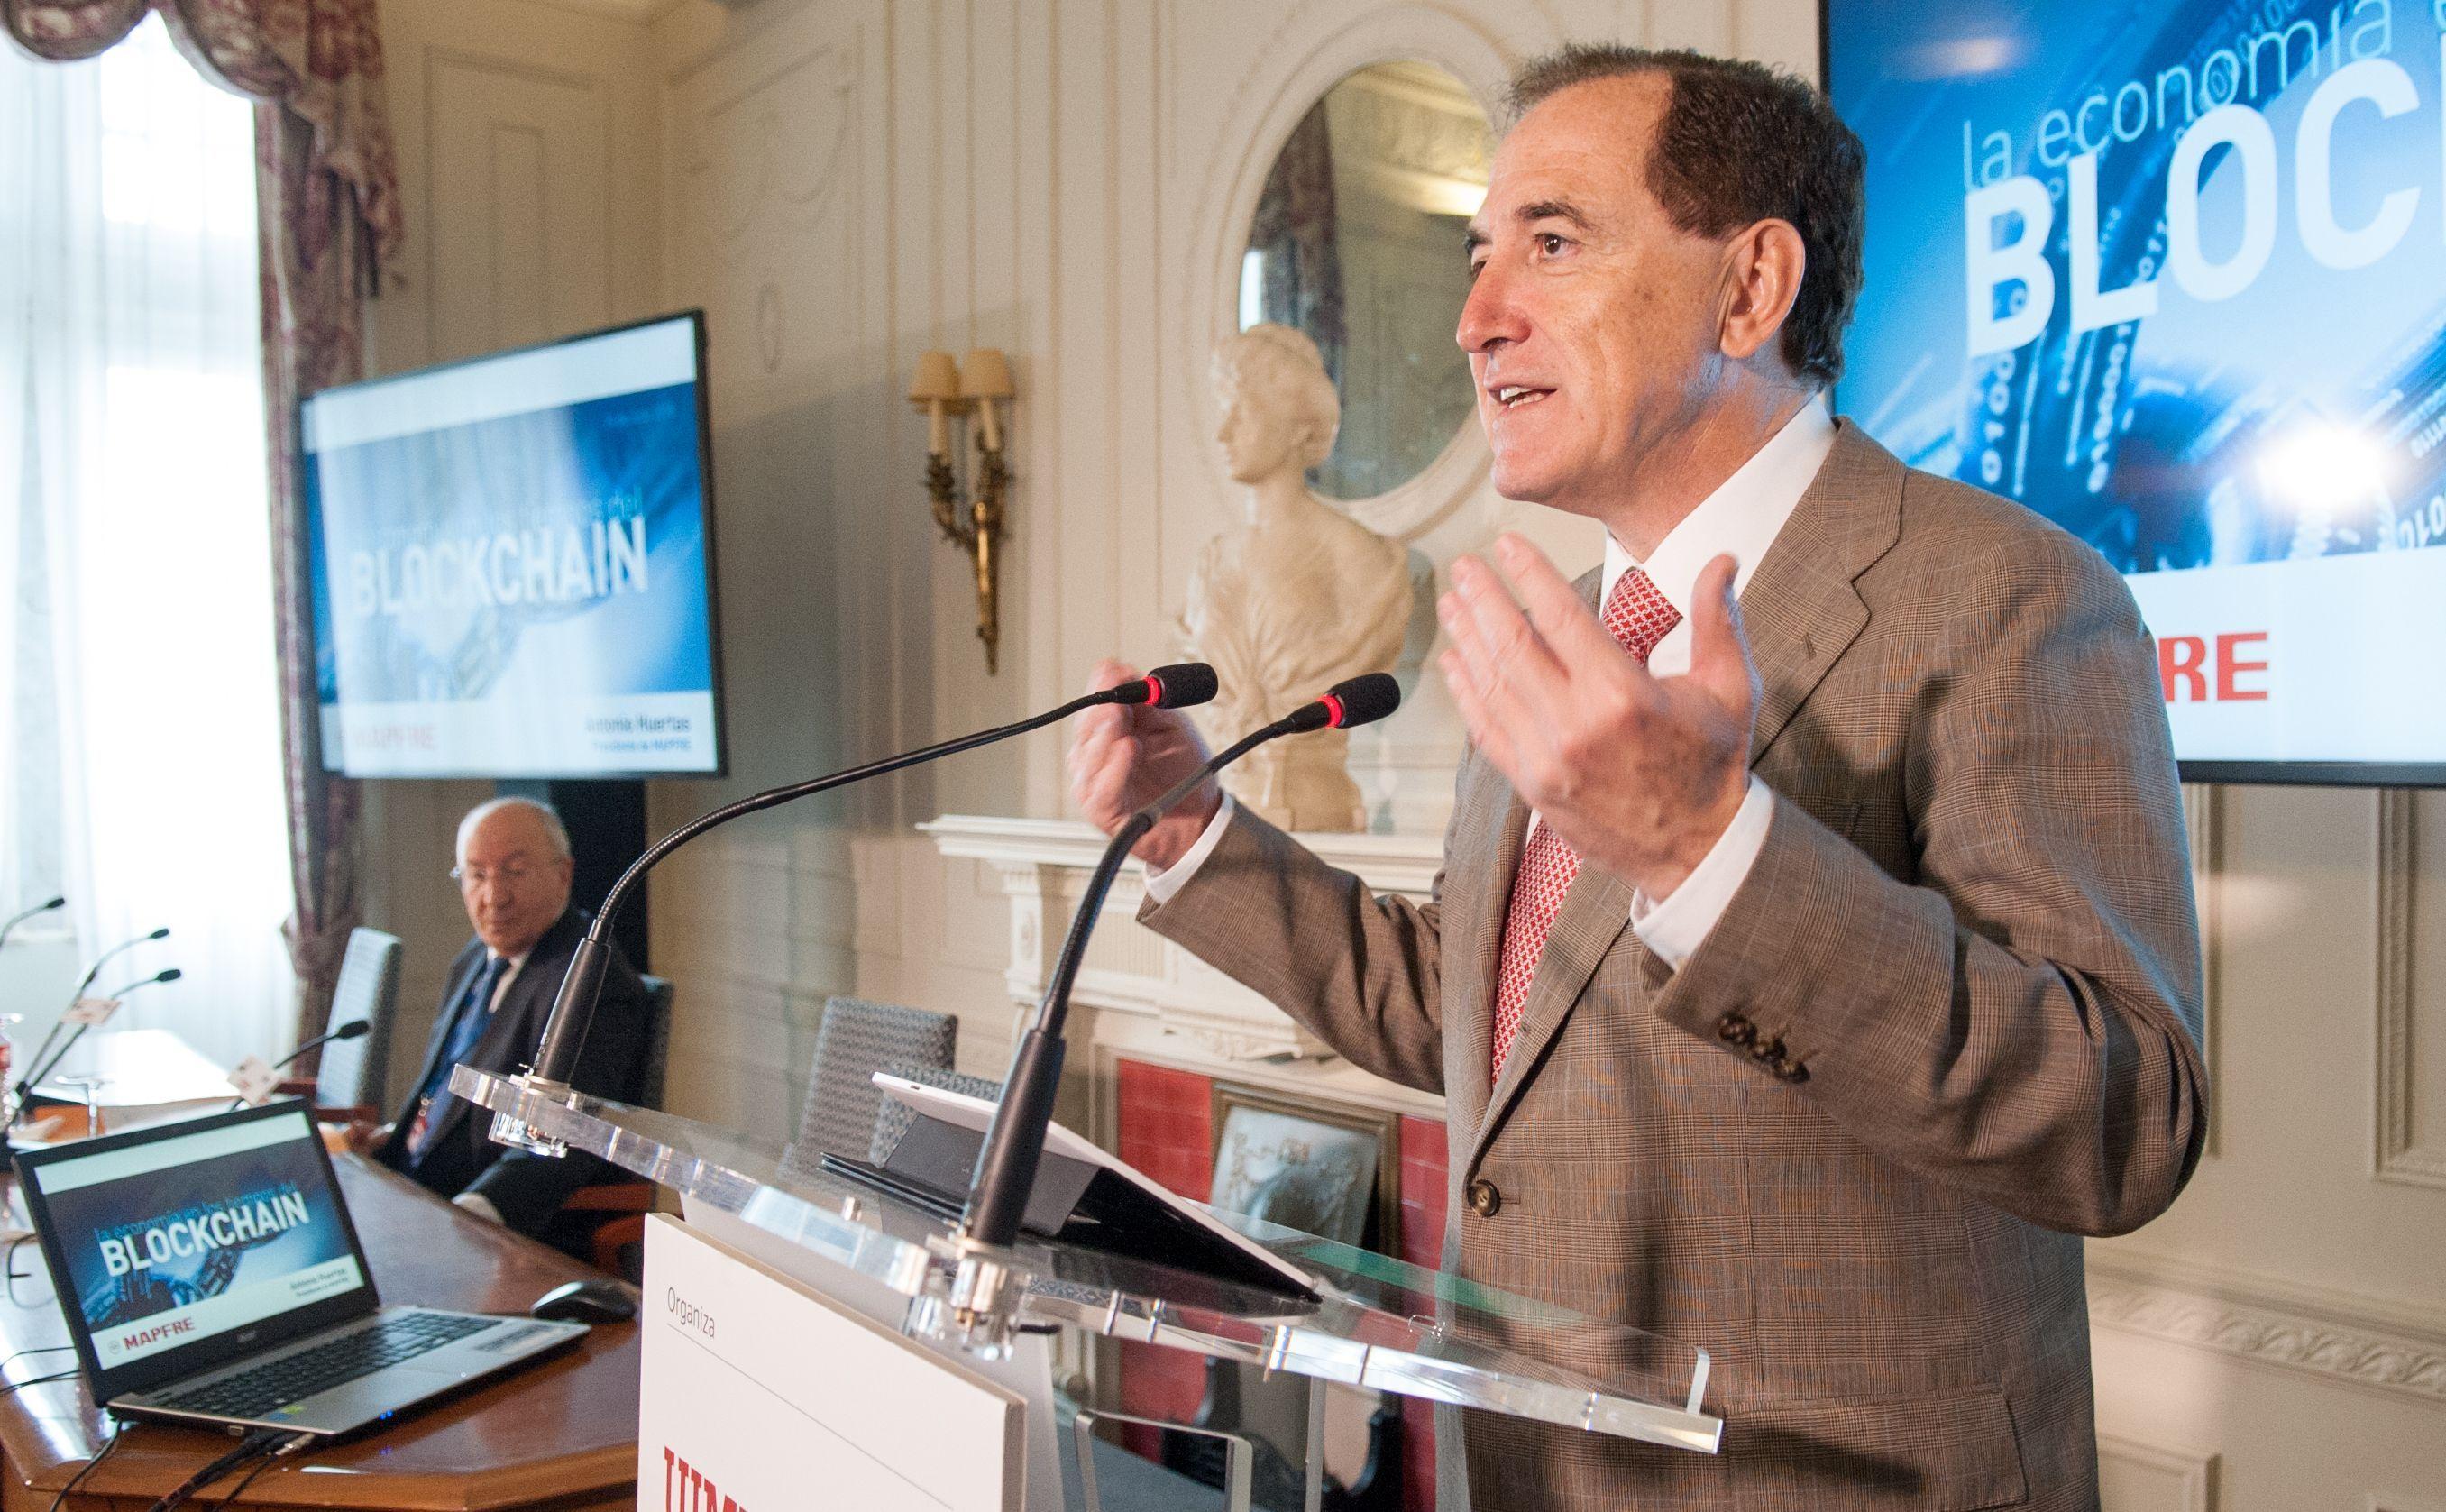 Antonio Huertas, Presidente de MAPFRE, en su intervención en el Curso de Economía organizado por la APIE en la Universidad Menéndez Pelayo de Santander.